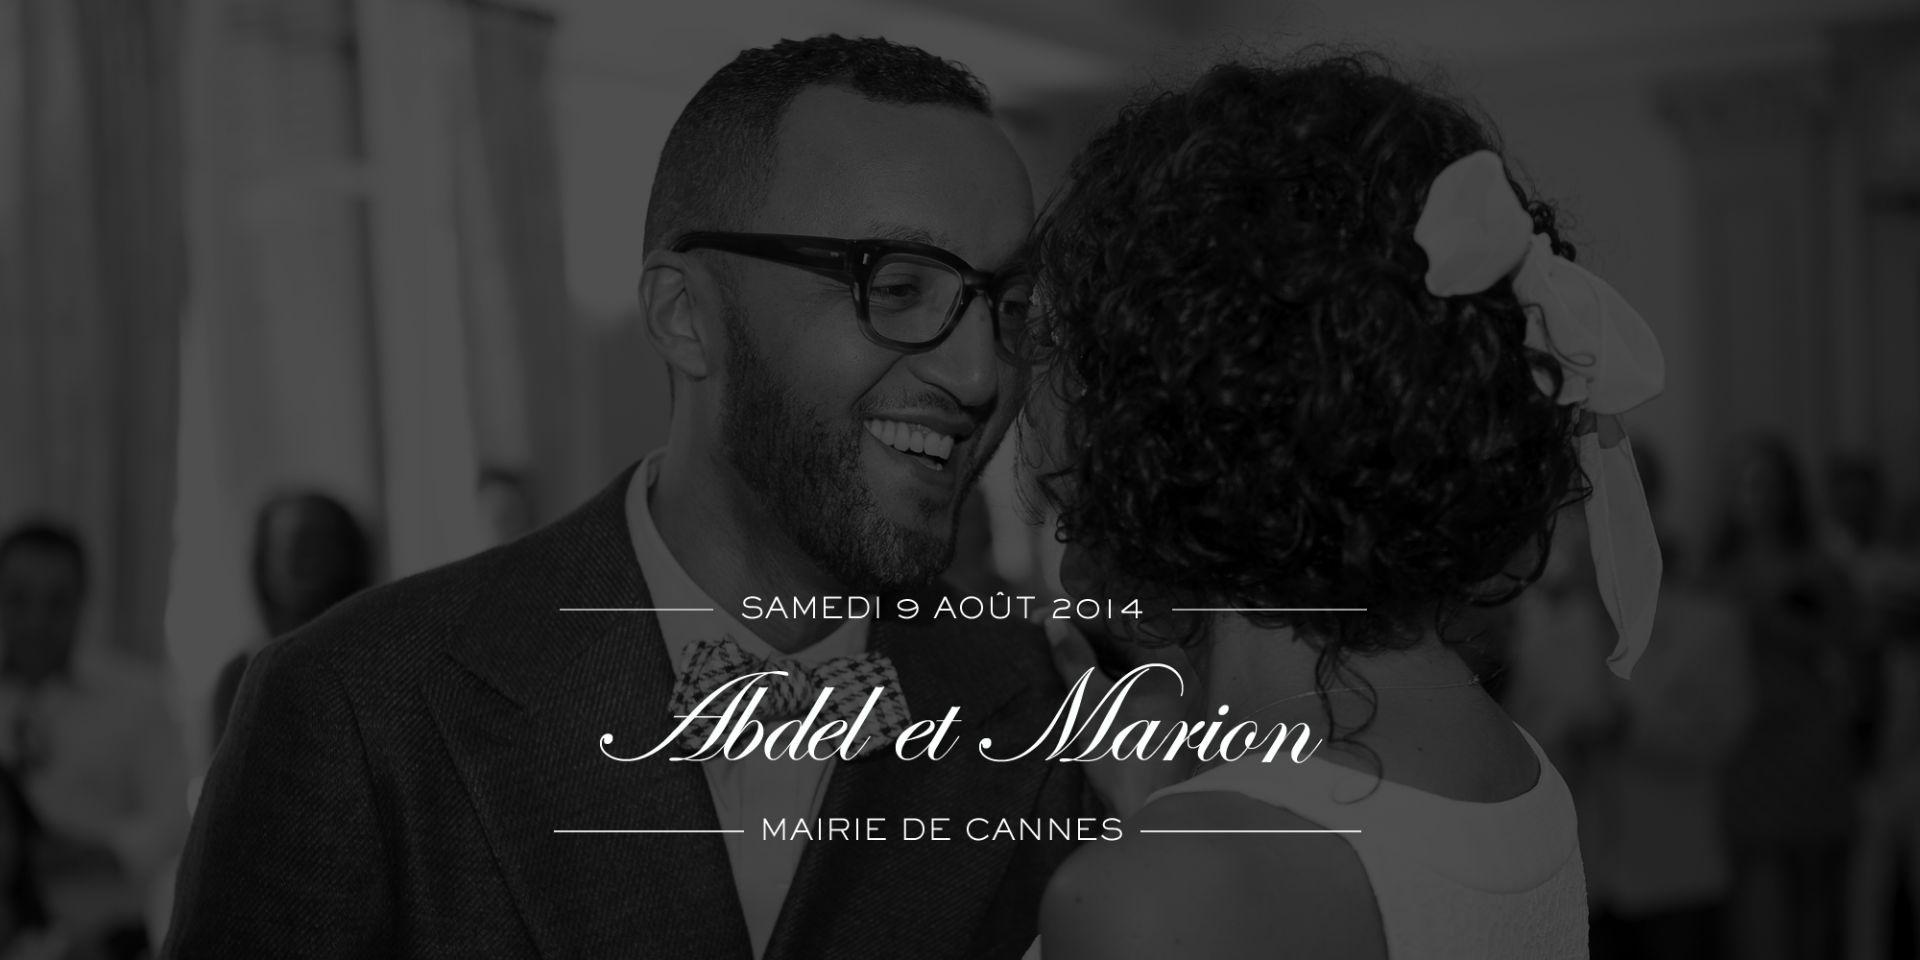 Abdel et Marion